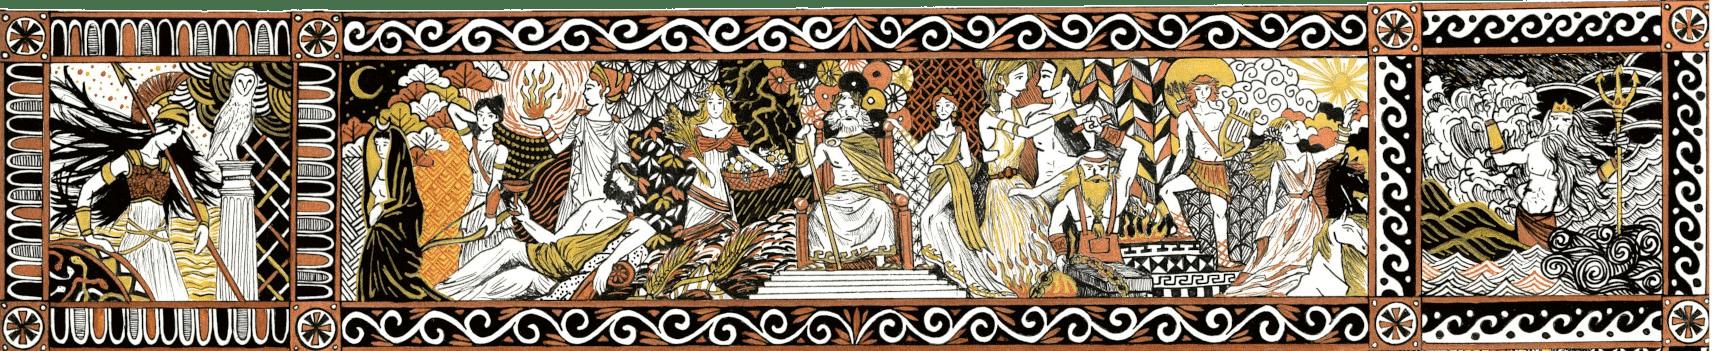 illustration et cartographie de l'Odyssée dieux de l'Olympe dieux grecs